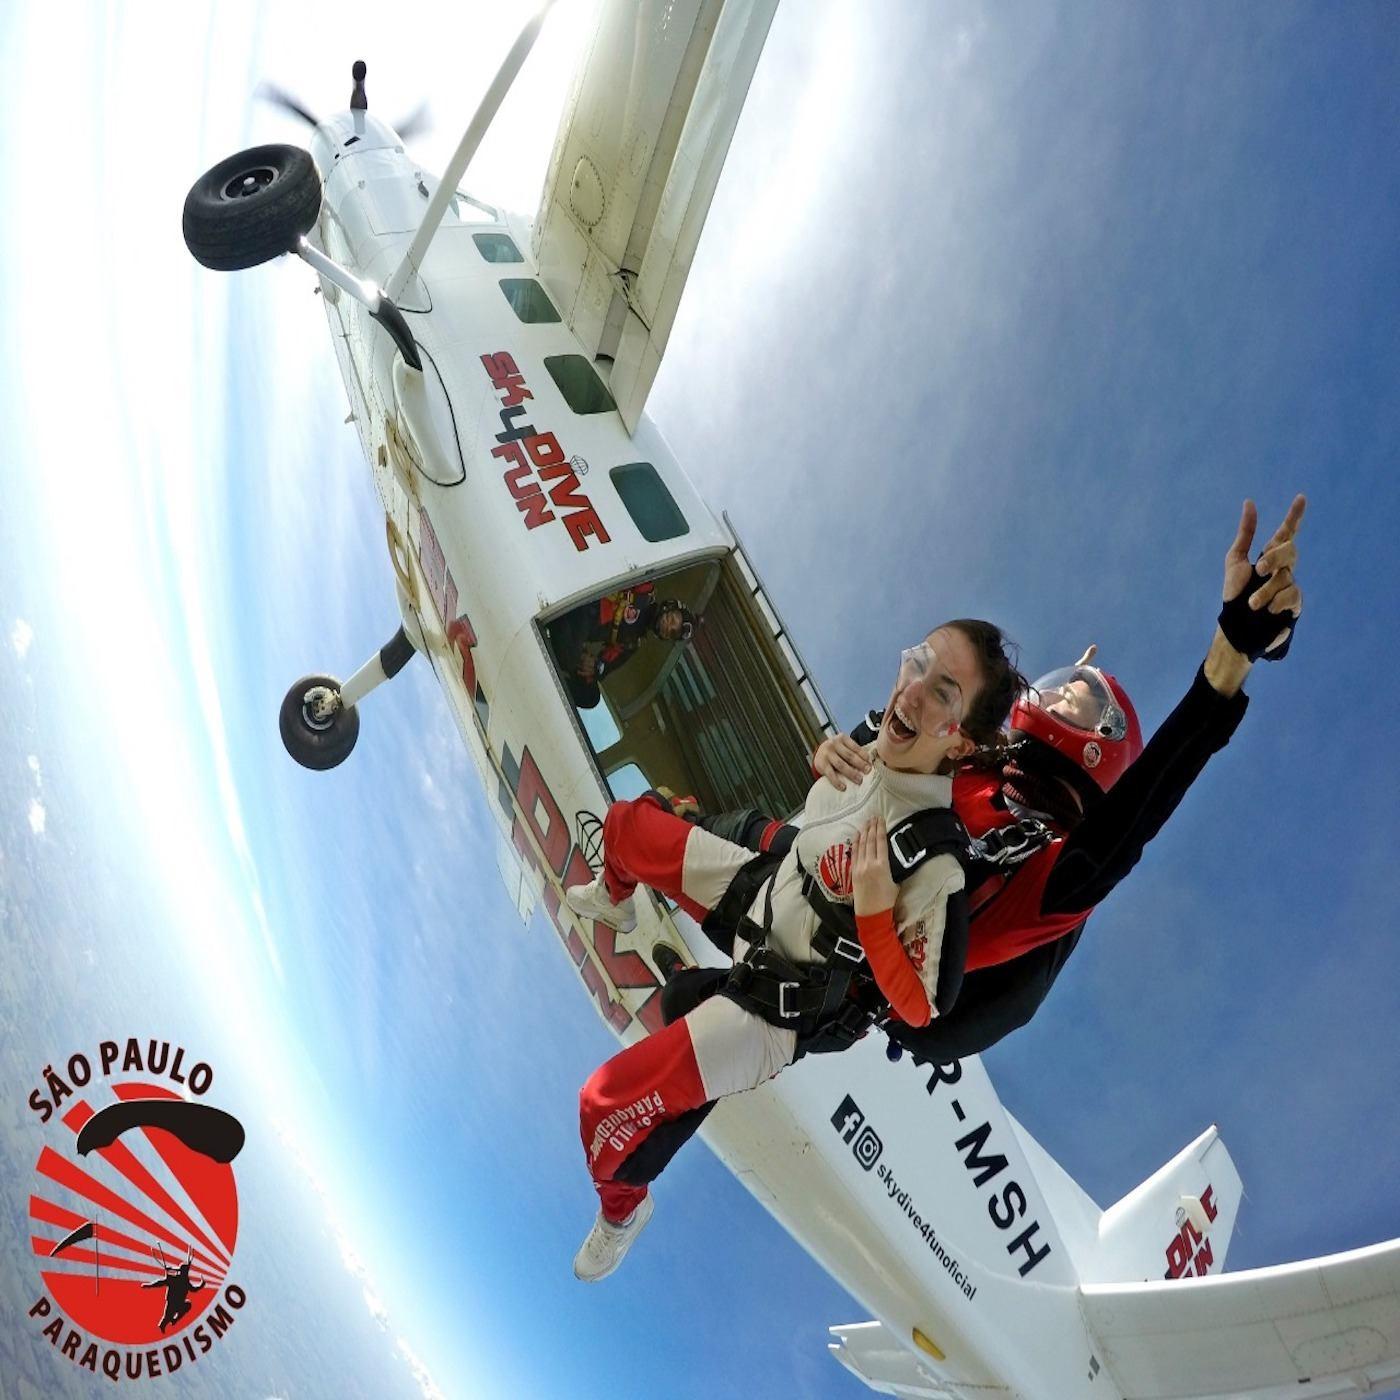 Salto de Paraquedas Super Vip em Boituva-SP(Agende sua Data)